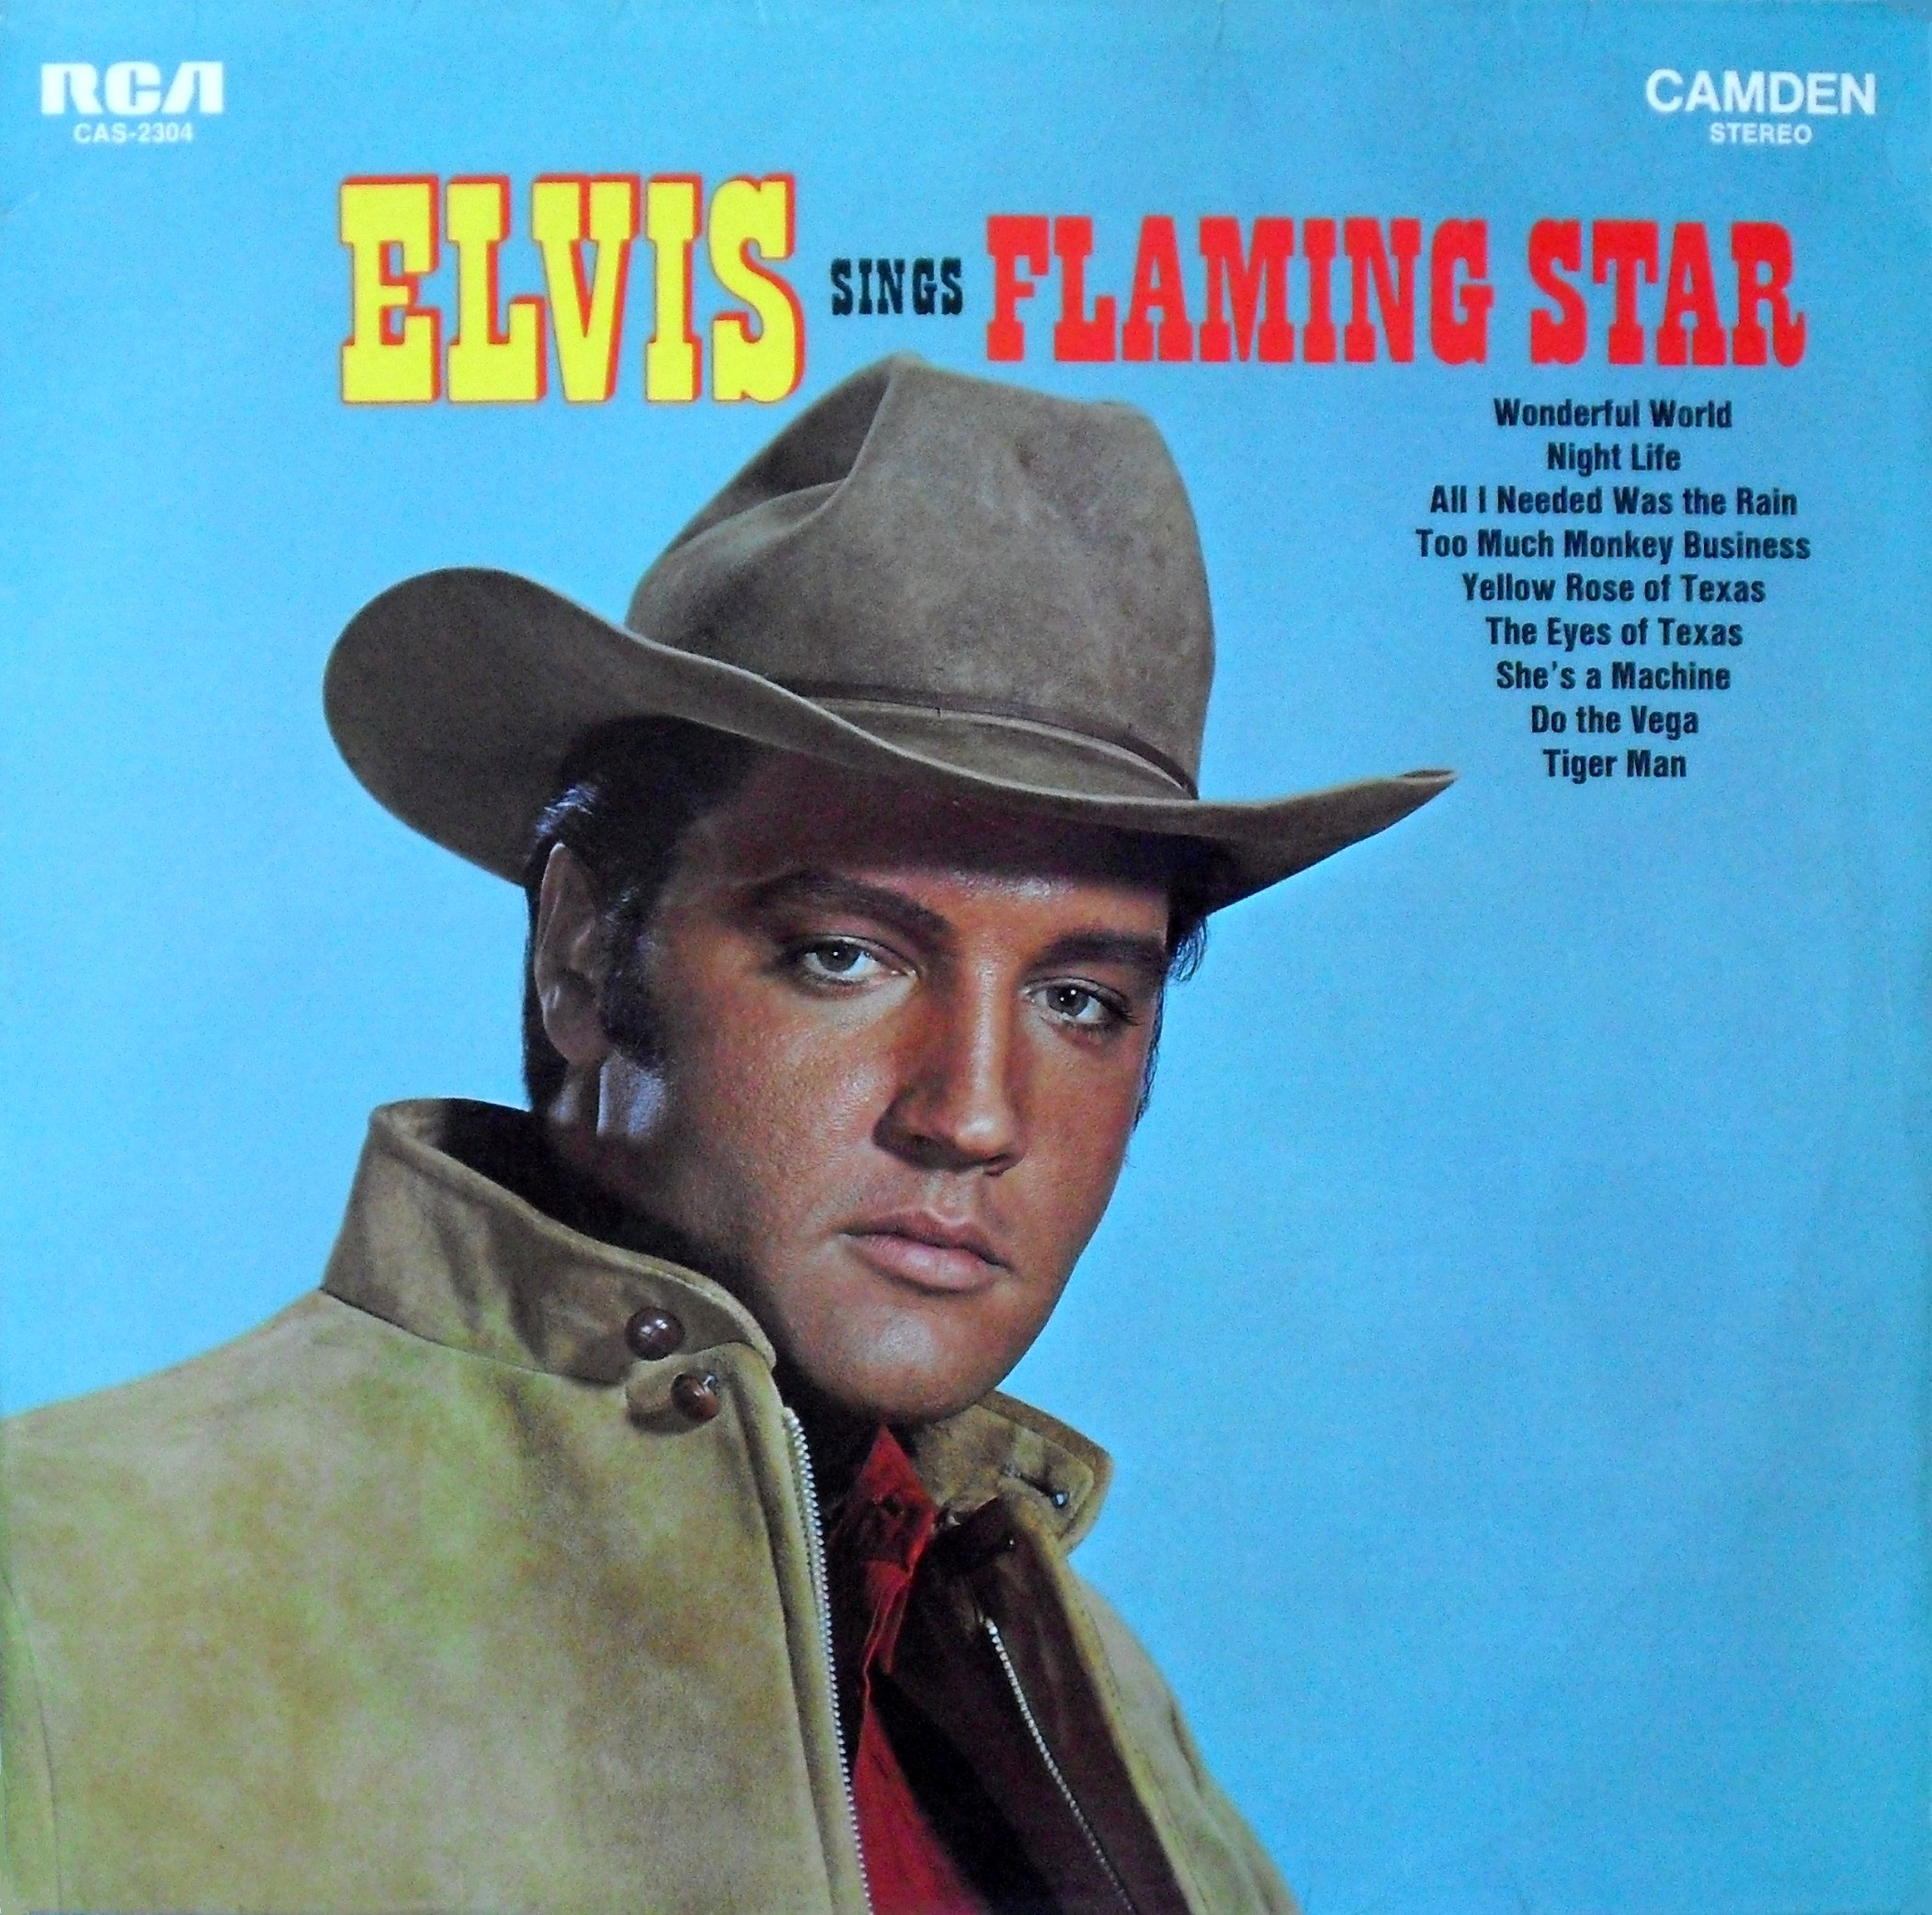 ELVIS SINGS FLAMING STAR 014qaqe1